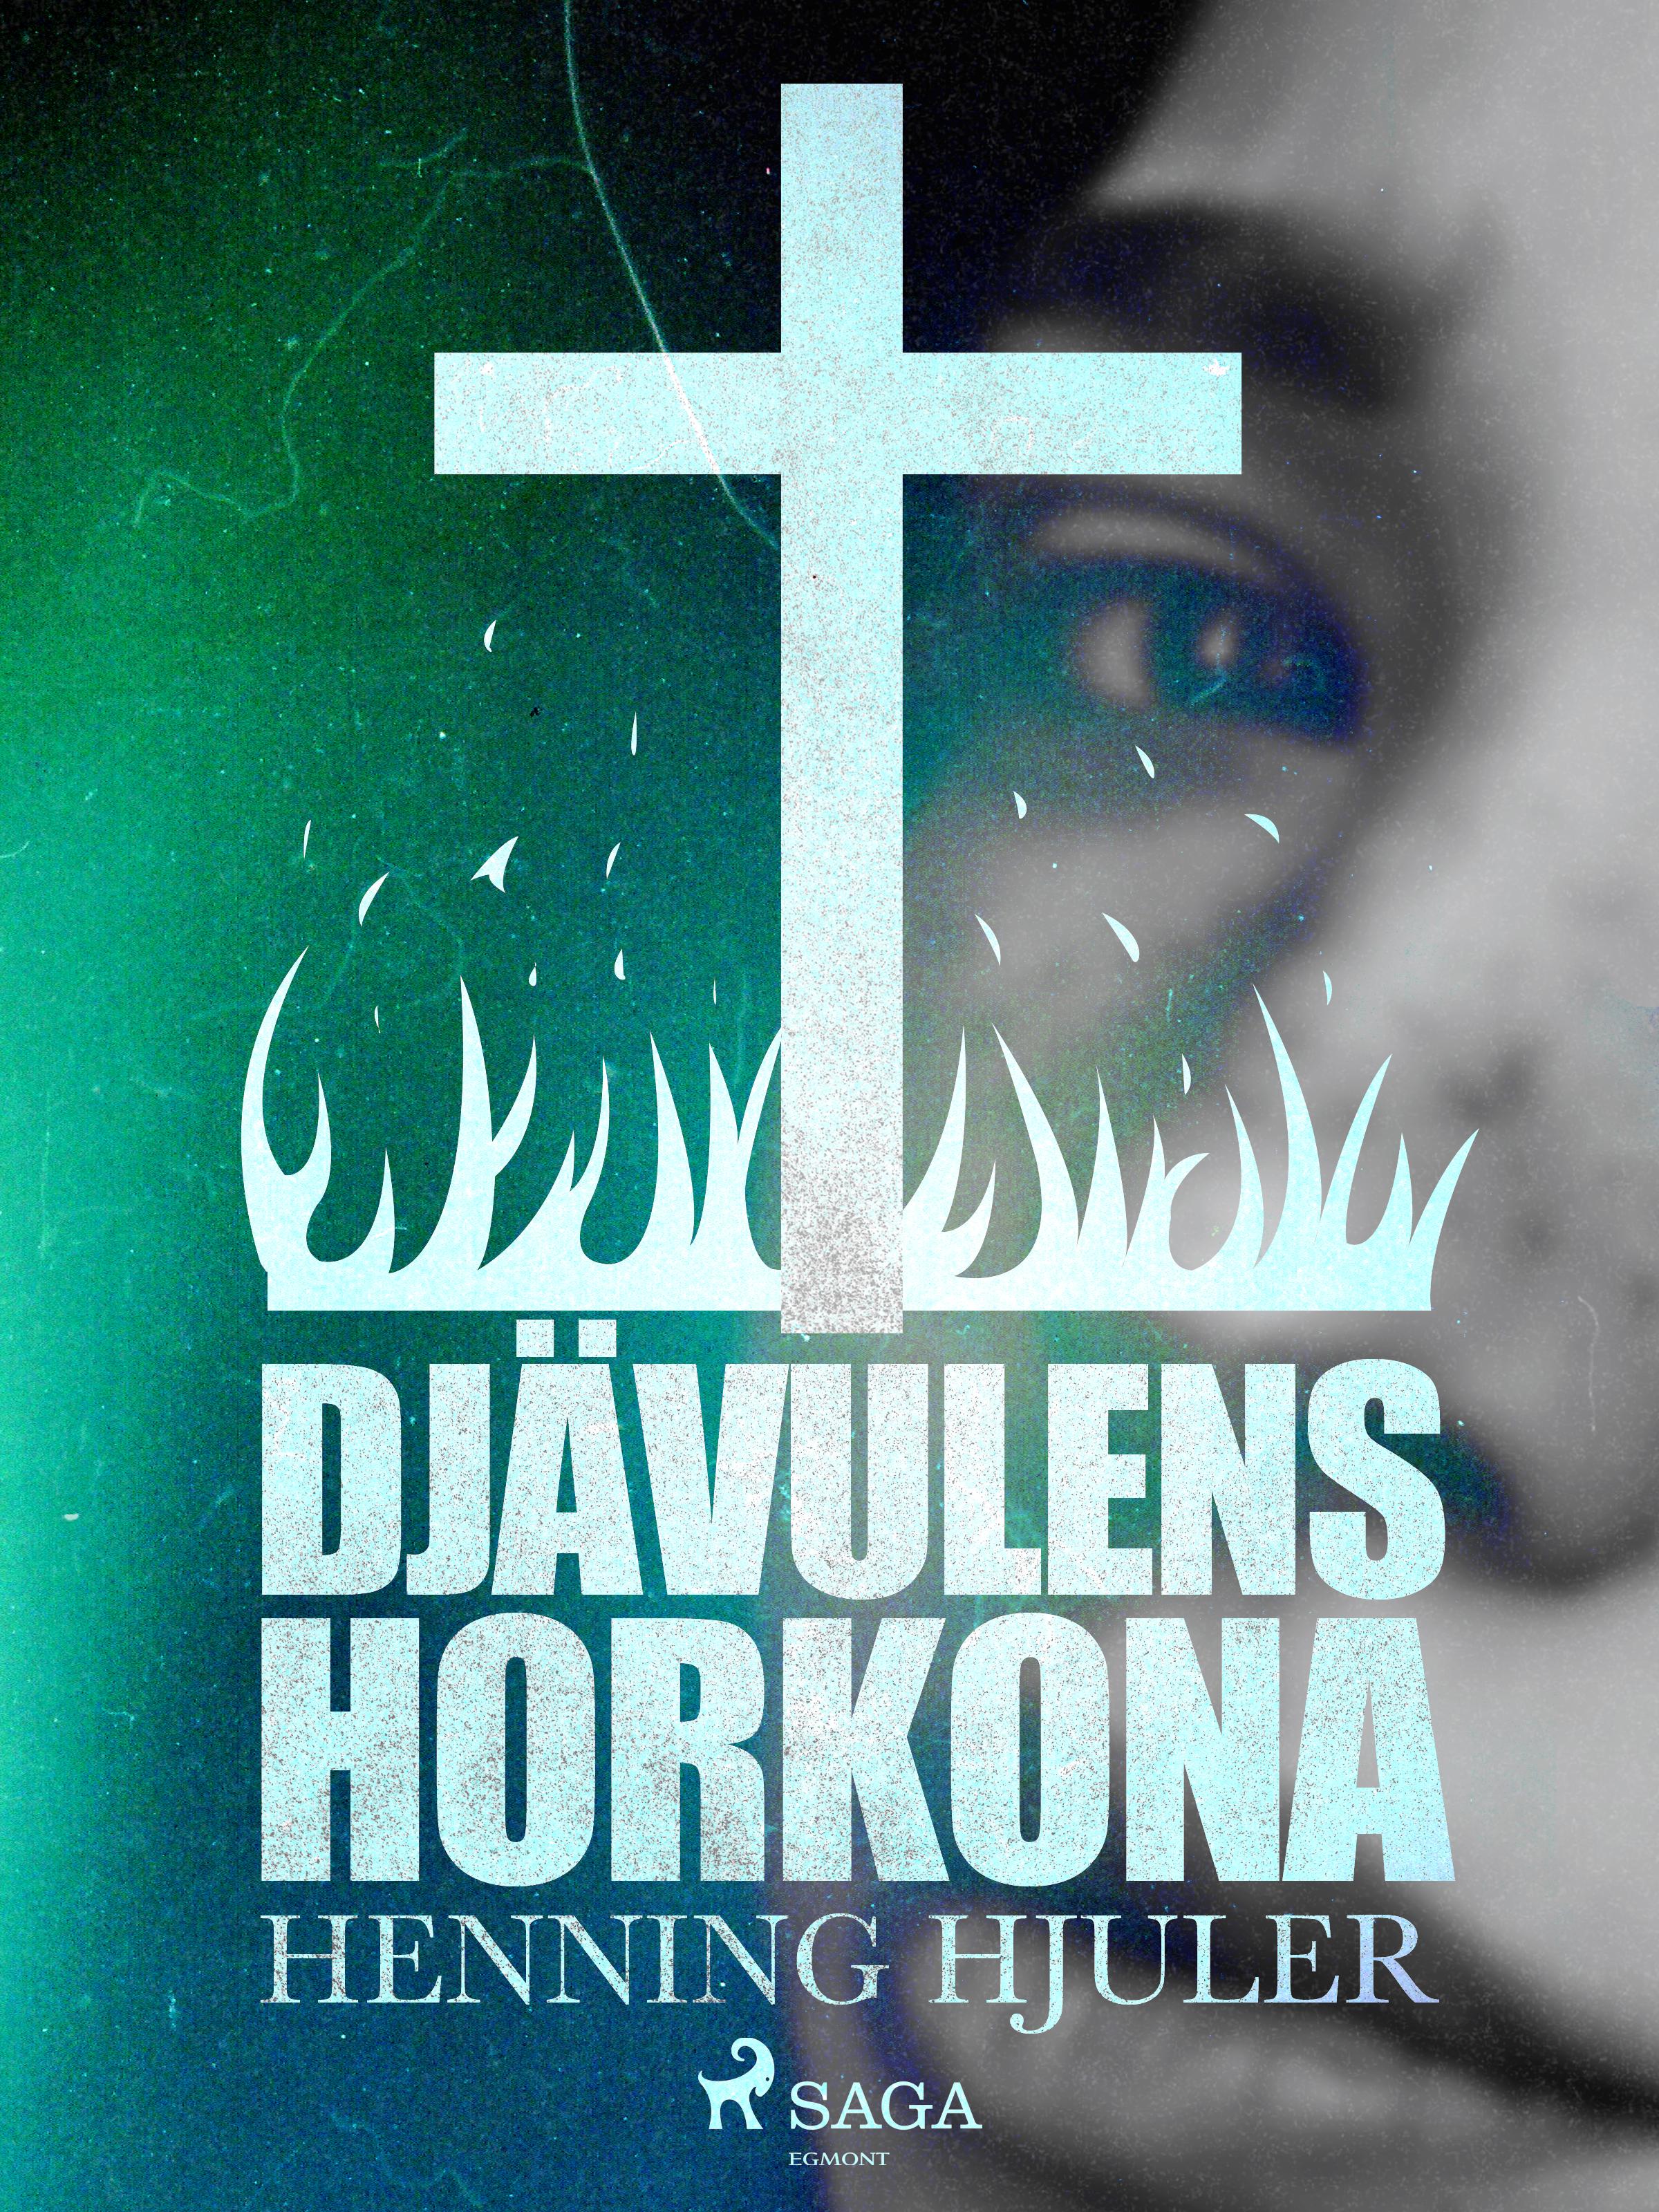 Djävulens horkona - E-bog